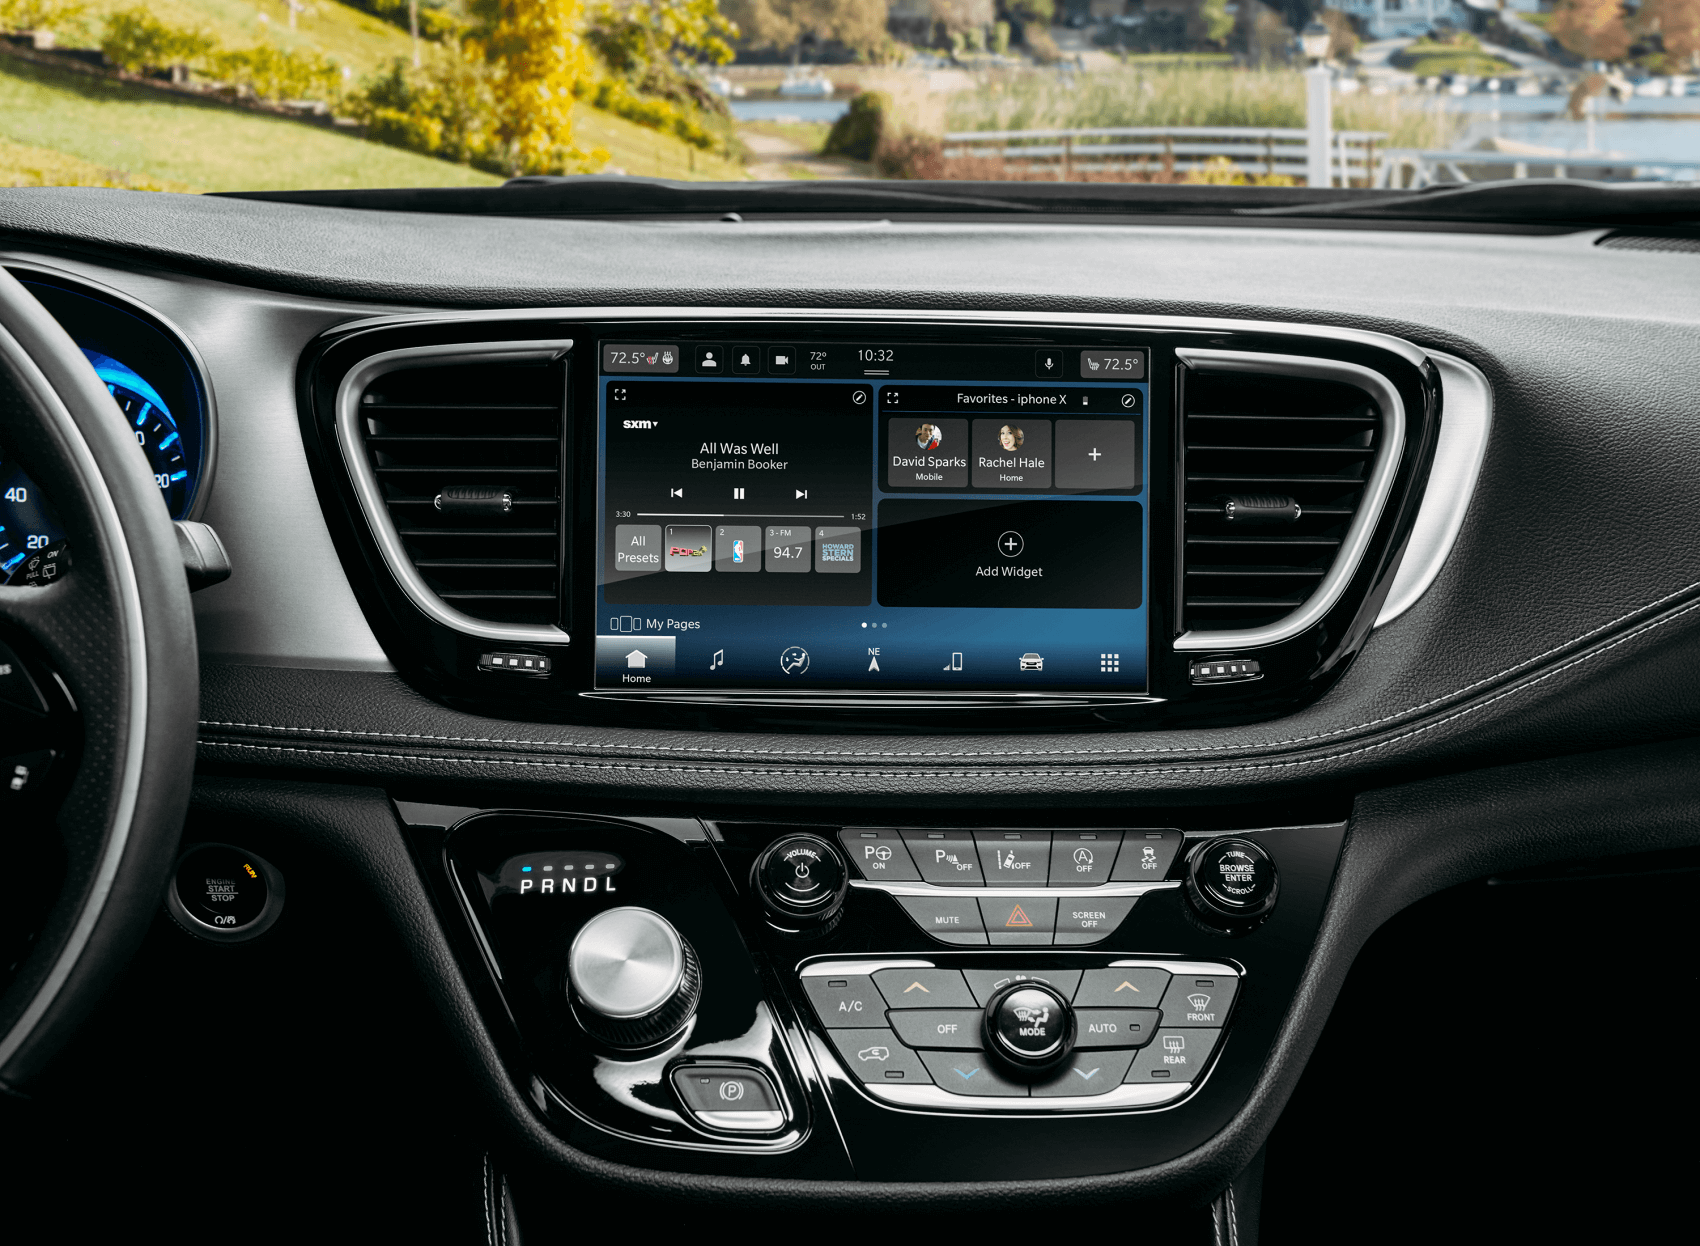 2021 Chrysler Pacifica Interior Tech